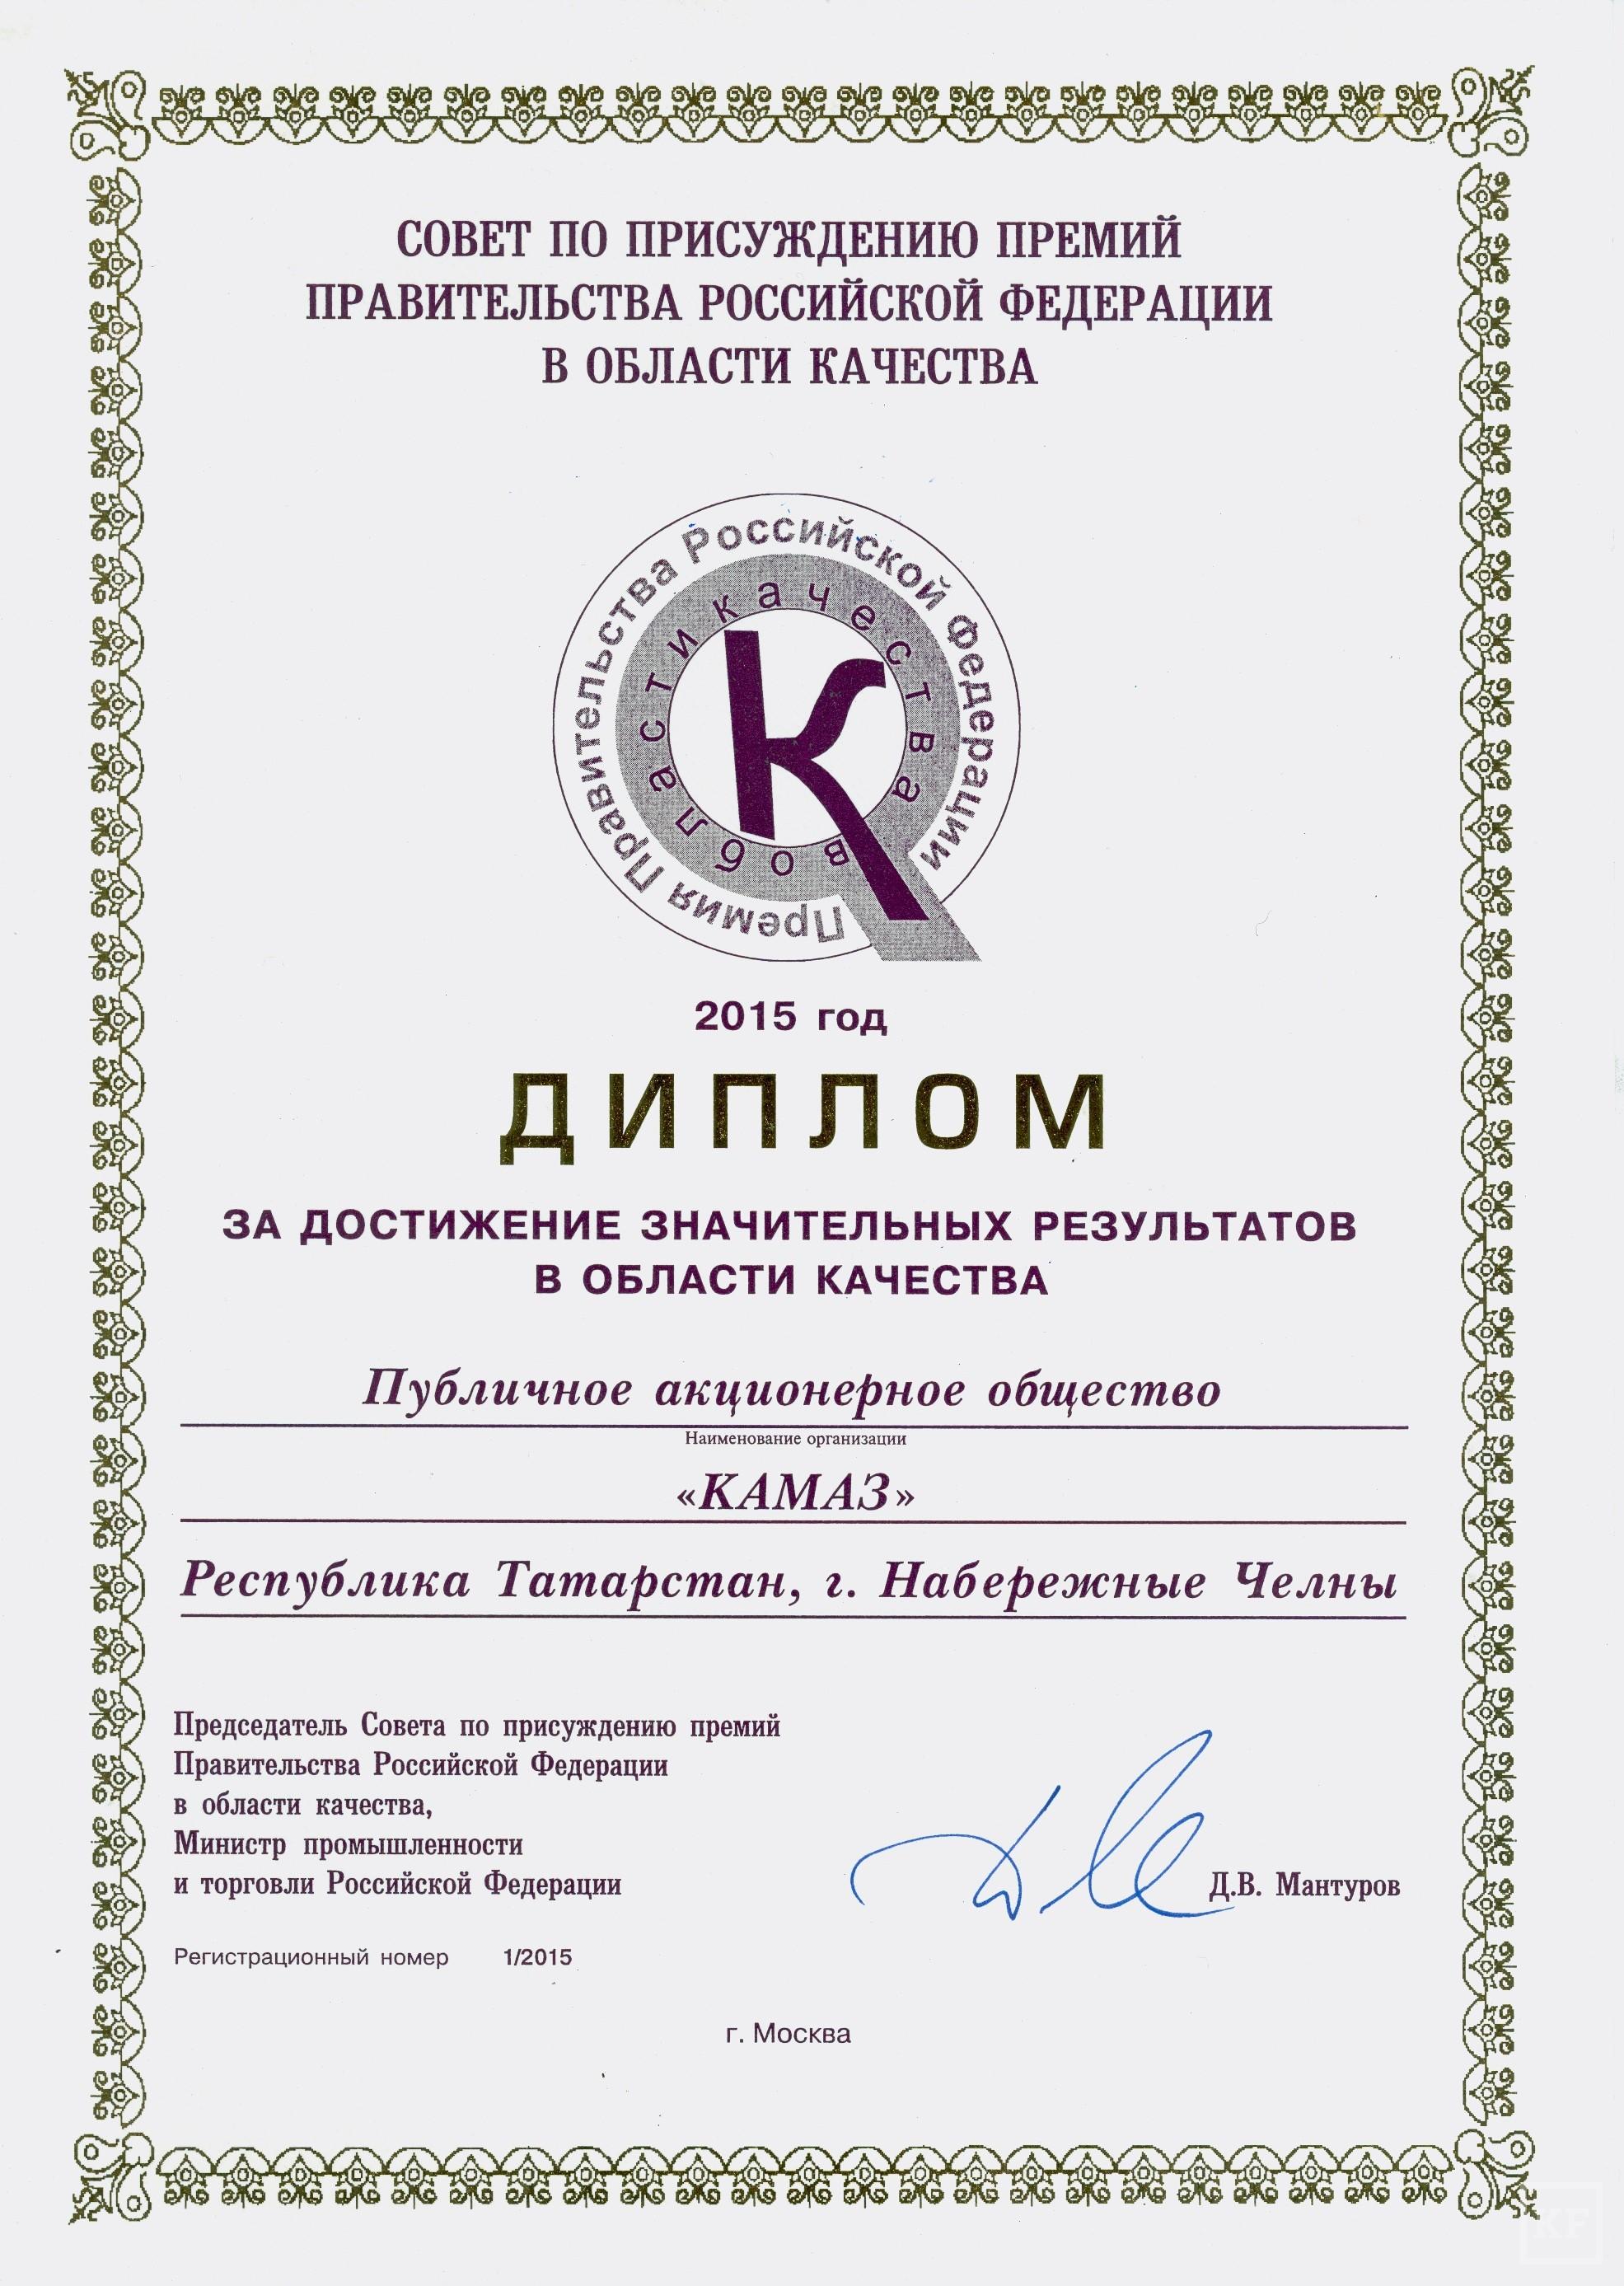 «Камаз» стал одним из лучших по качеству среди российских предприятий